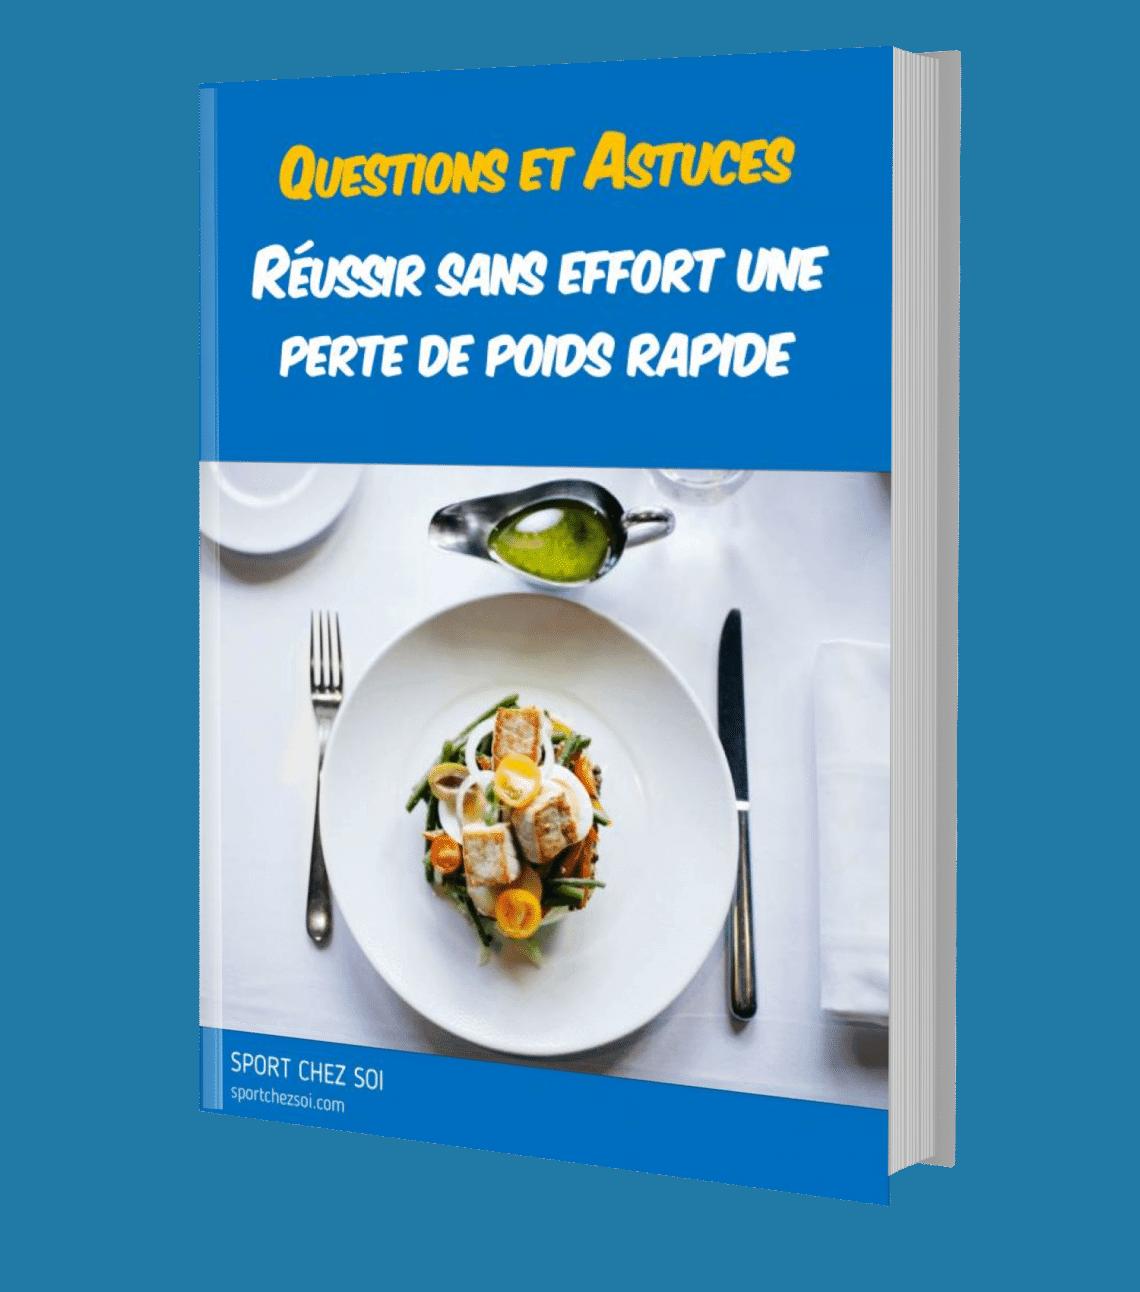 Questions et astuces - Réussir une perte de poids rapide